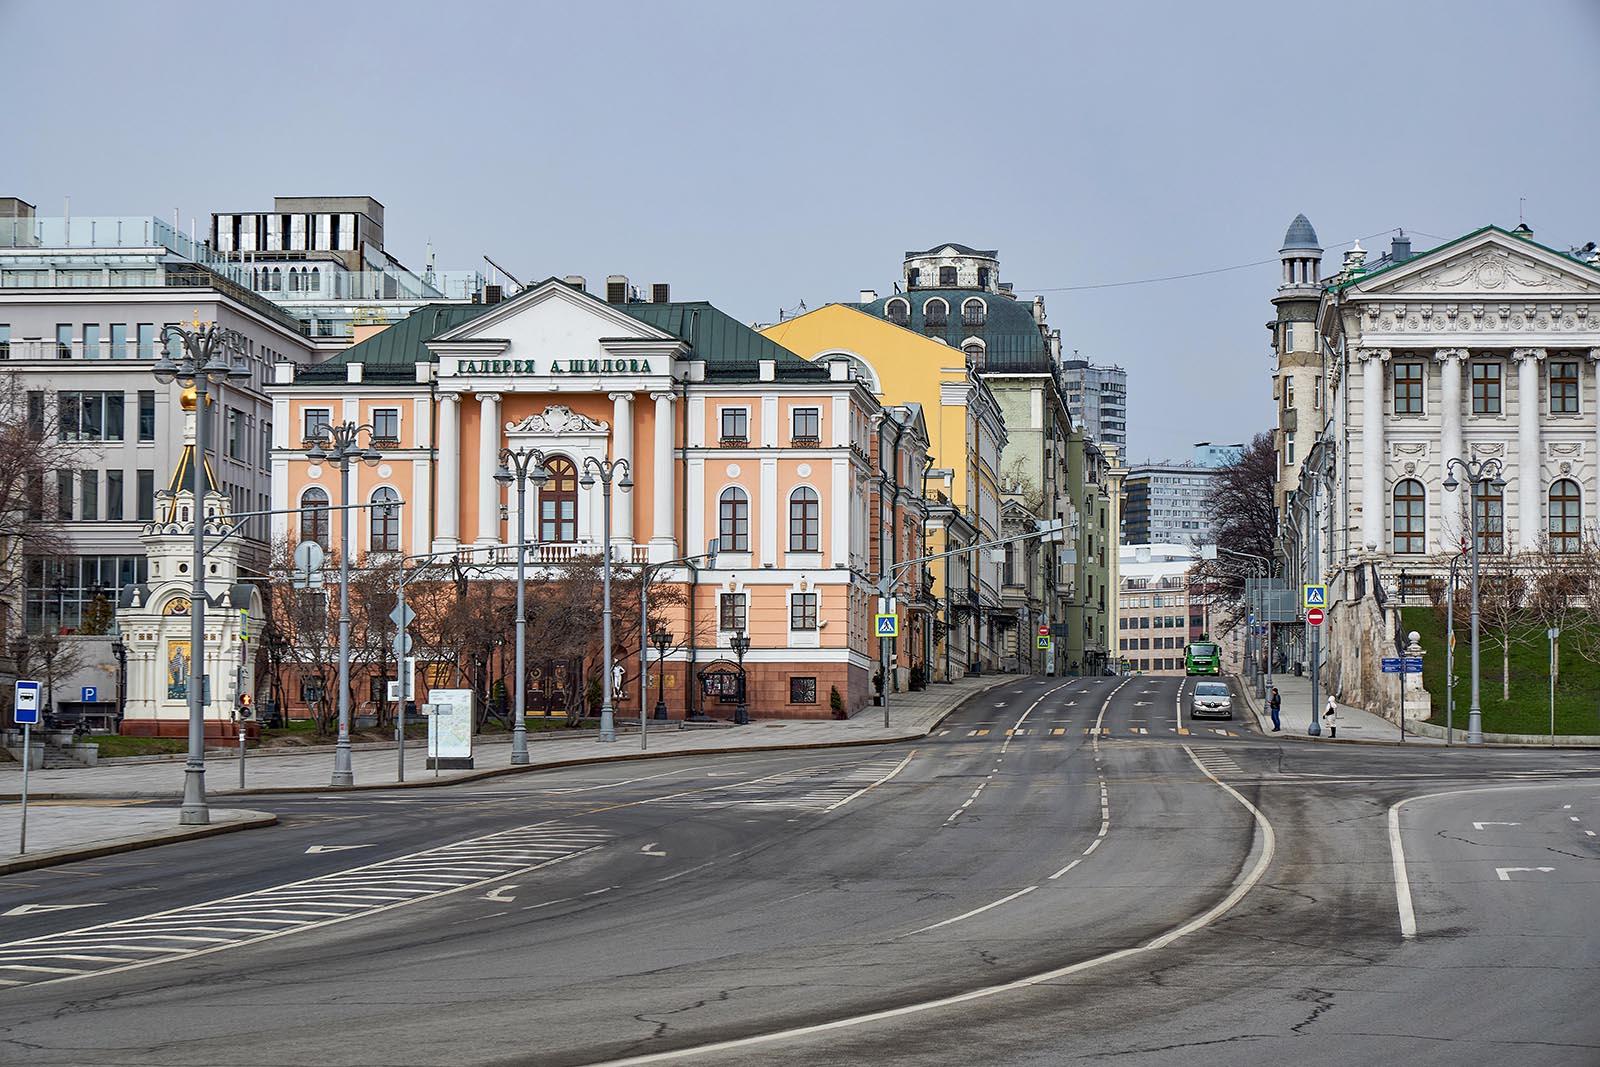 Трансляция: mos.ru покажет продолжение экскурсии по выставке «Москва и москвичи»